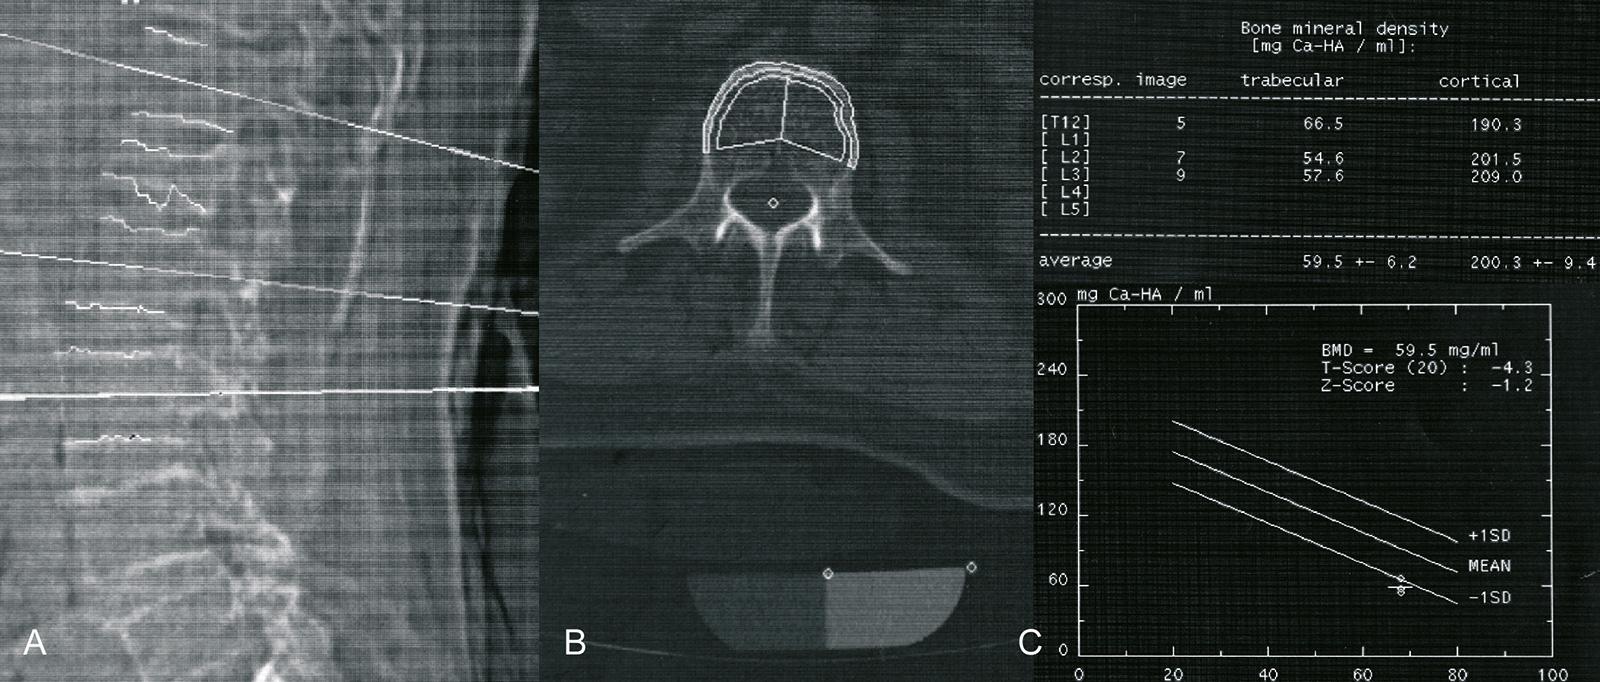 Abb. 9-3: Q-CT: Scanogramm (A), Bestimmung der kortikalen und spongiösen Knochendichte (B), Knochendichte und Umrechnung in T- und Z-Score (C) (Eigentum des Instituts für Klinische Radiologie der Universität Münster)